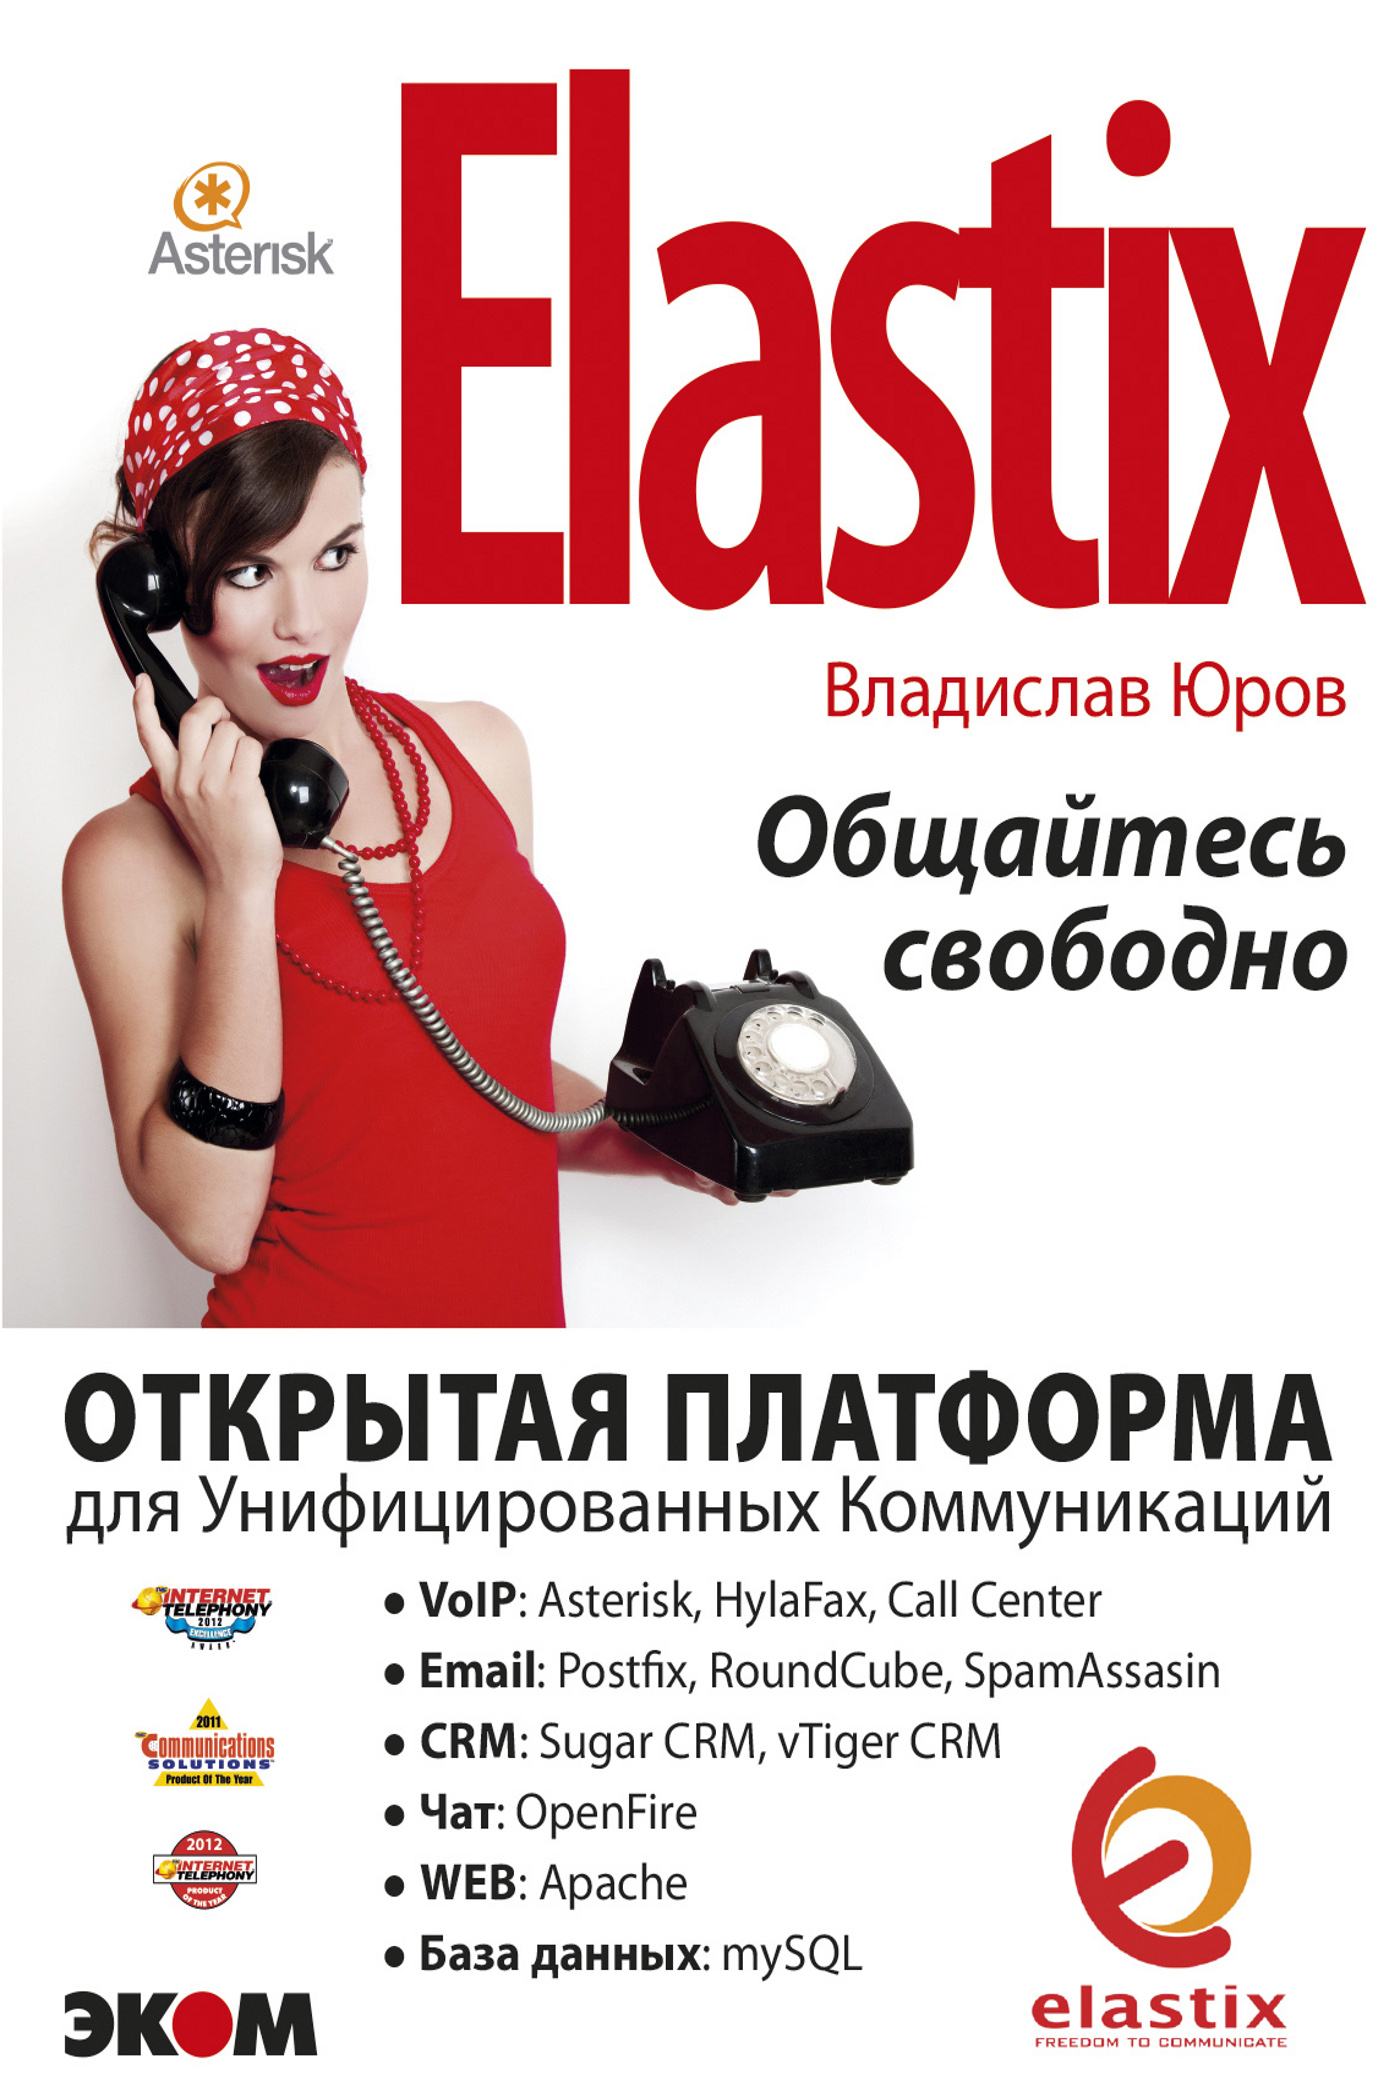 Владислав Юров ELASTIX – общайтесь свободно стоимость